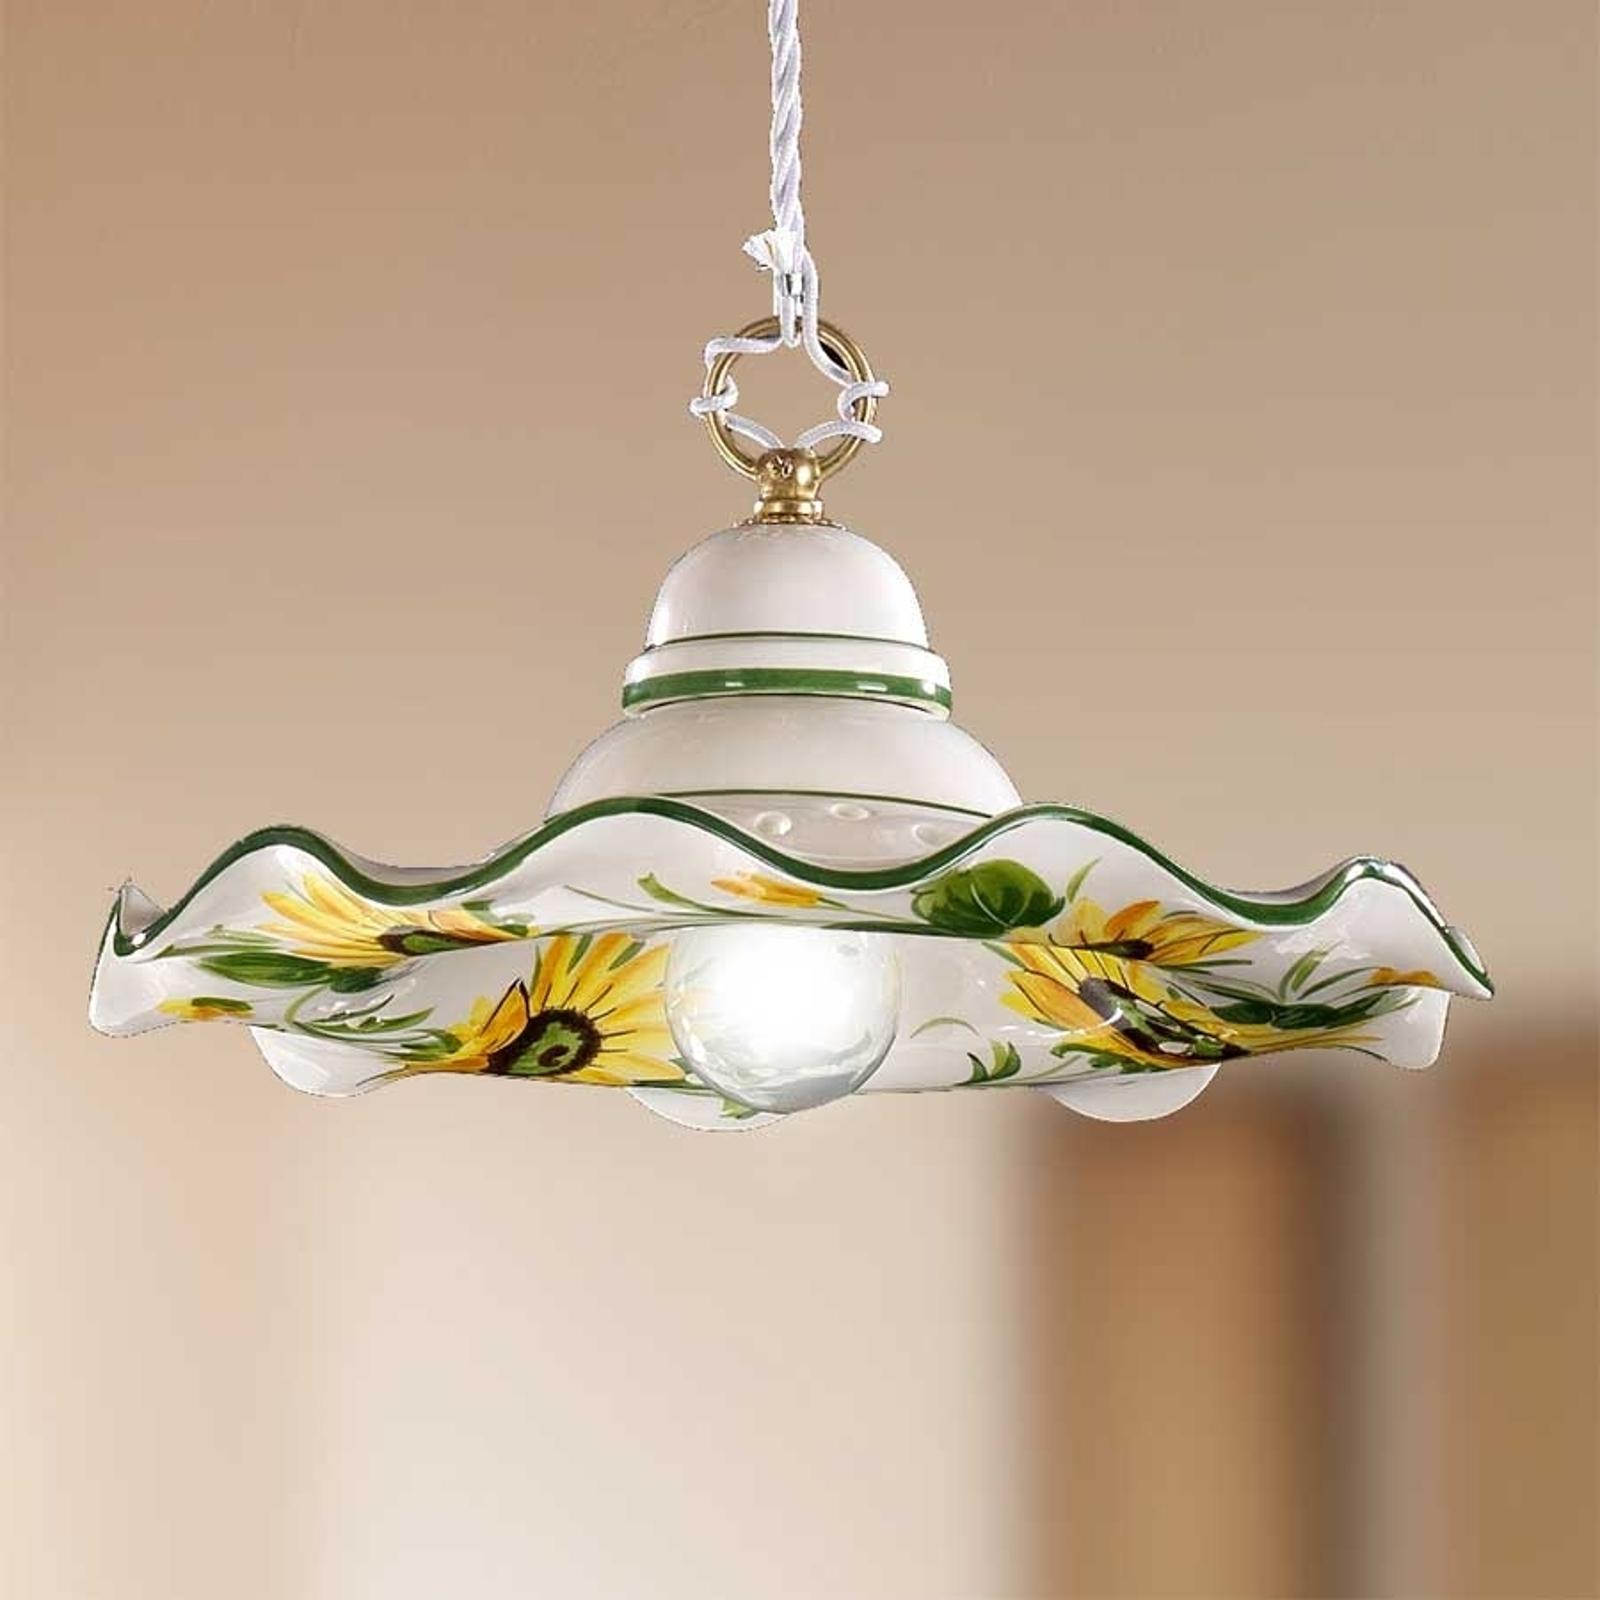 Hanglamp GIRASOLA met landhuischarme 32 cm